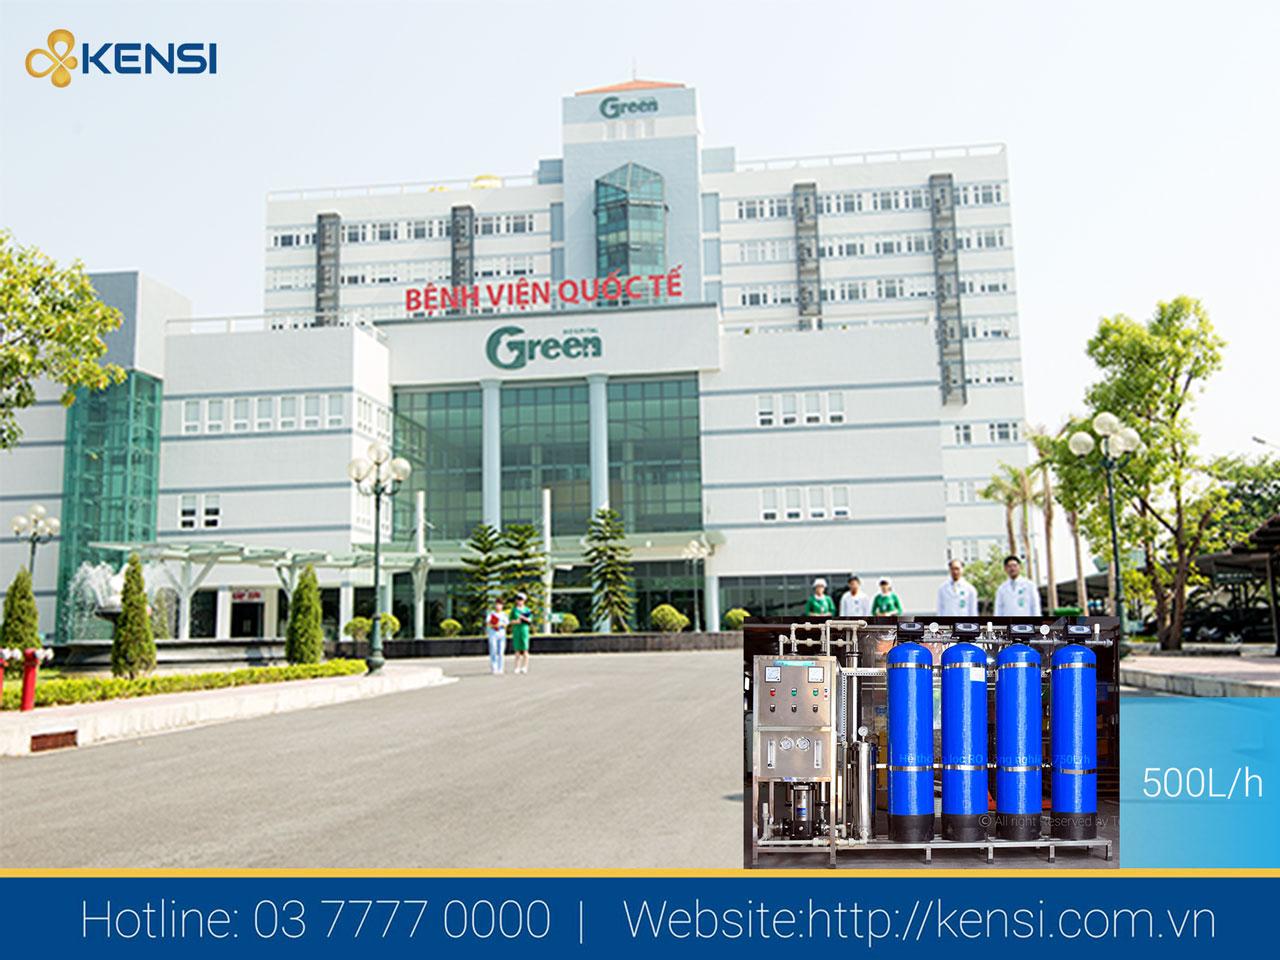 Bệnh viện cần sử dụng nước sạch